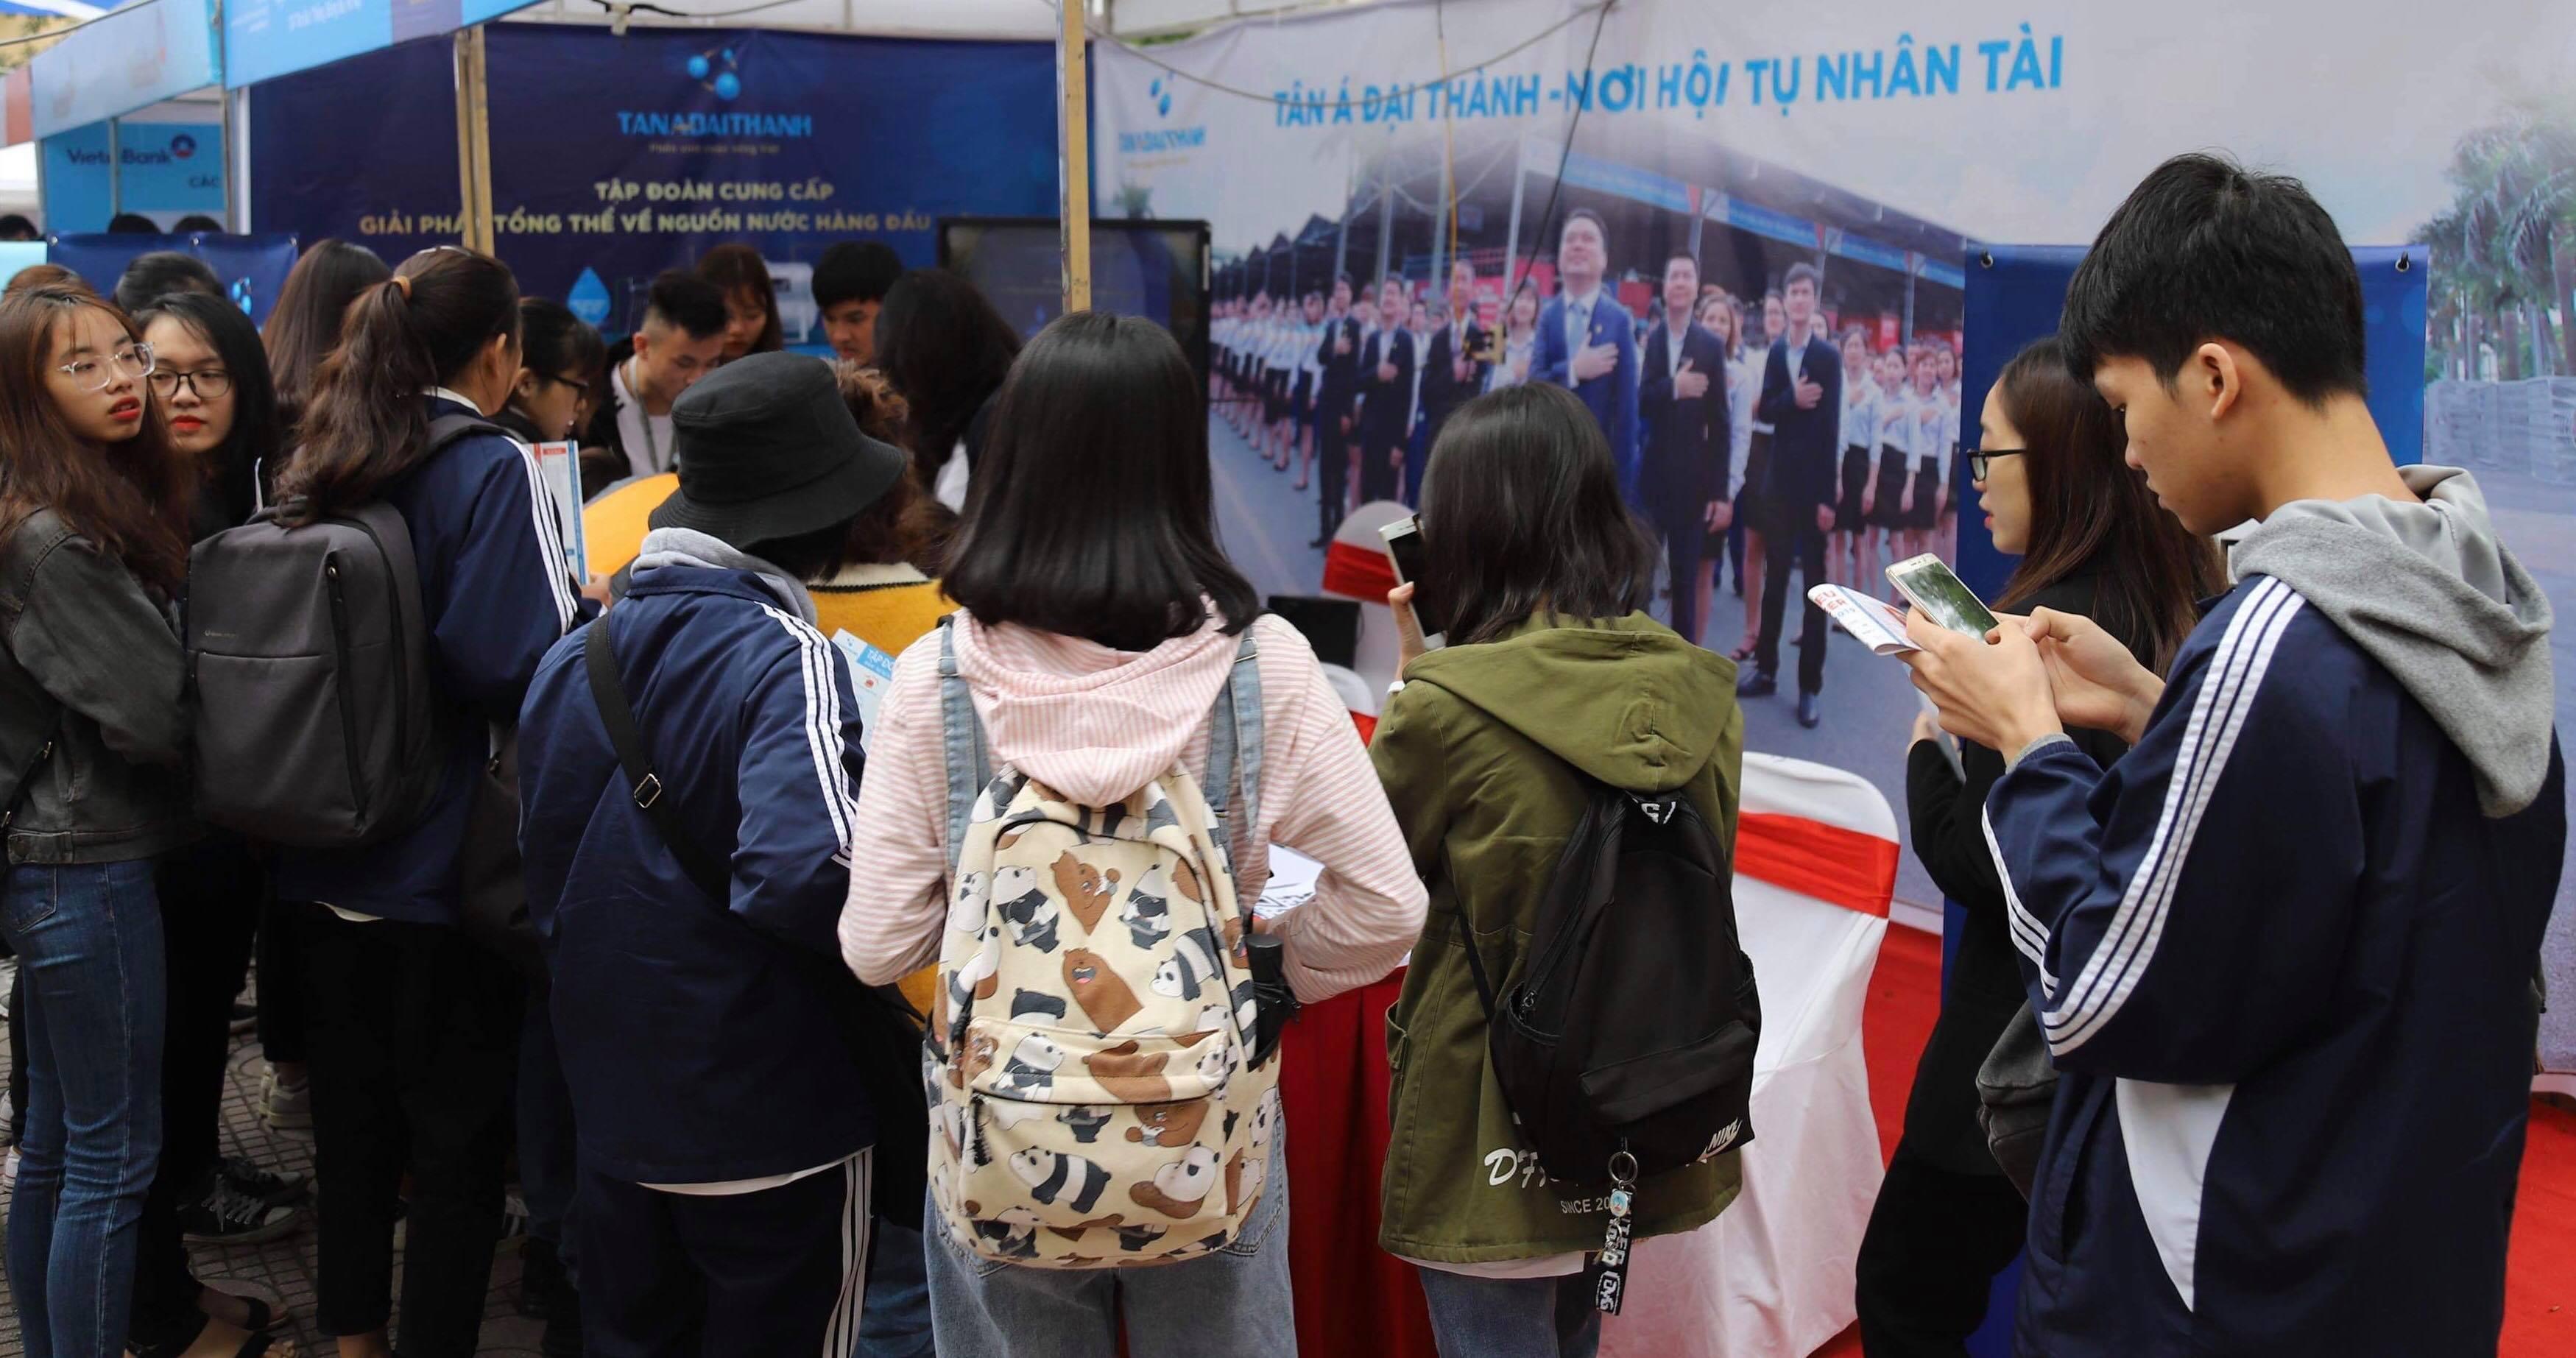 Tân Á Đại Thành mang đến nhiều cơ hội việc làm tại NEU CAREER EXPO 2019 - Ảnh 3